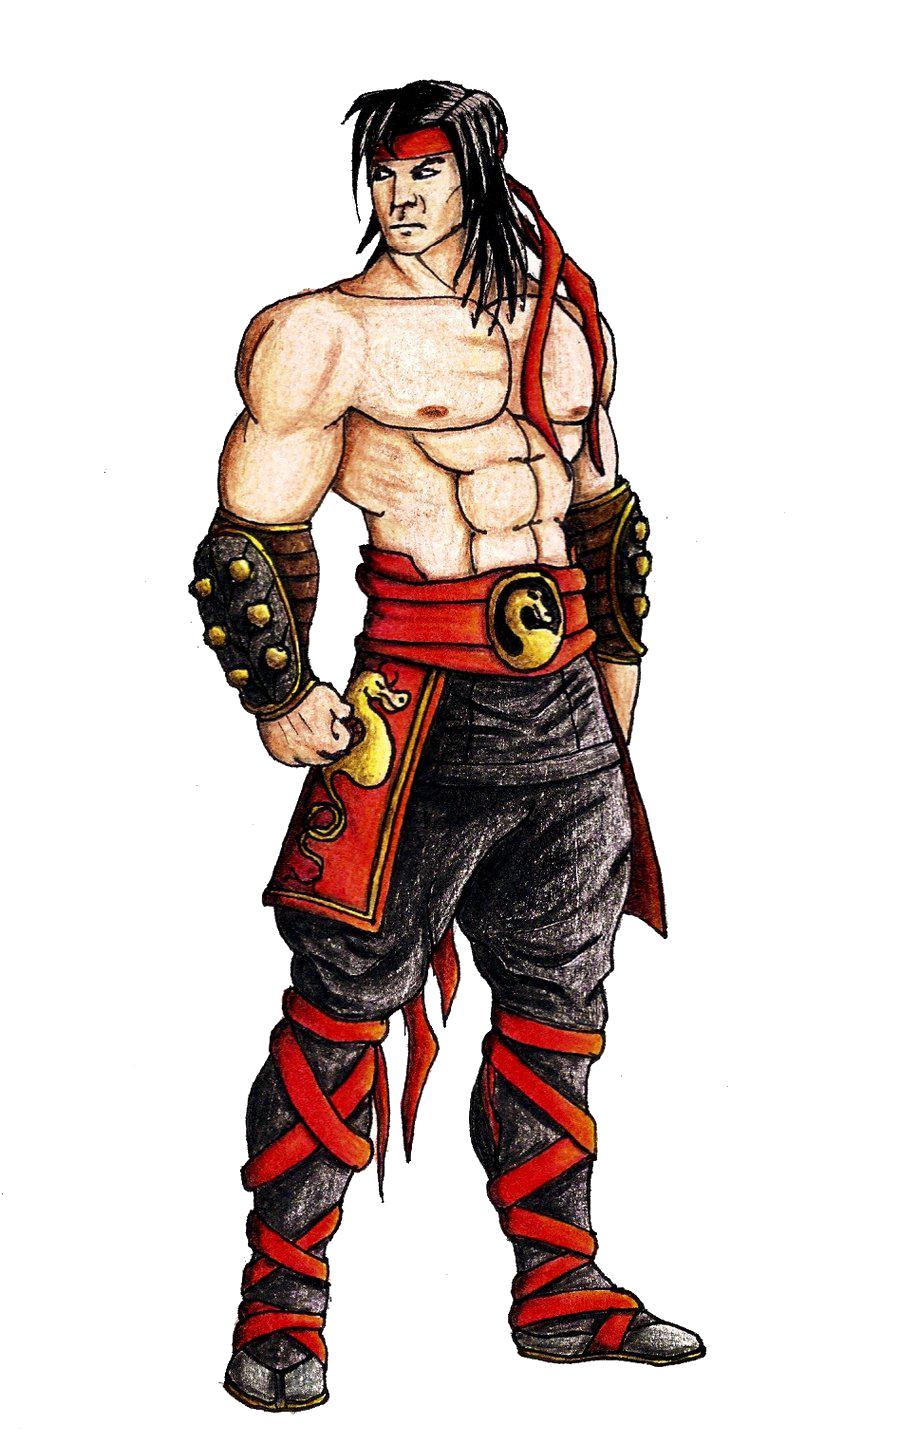 Liu Kang Tattoo: Download Mortal Kombat Liu Kang File HQ PNG Image